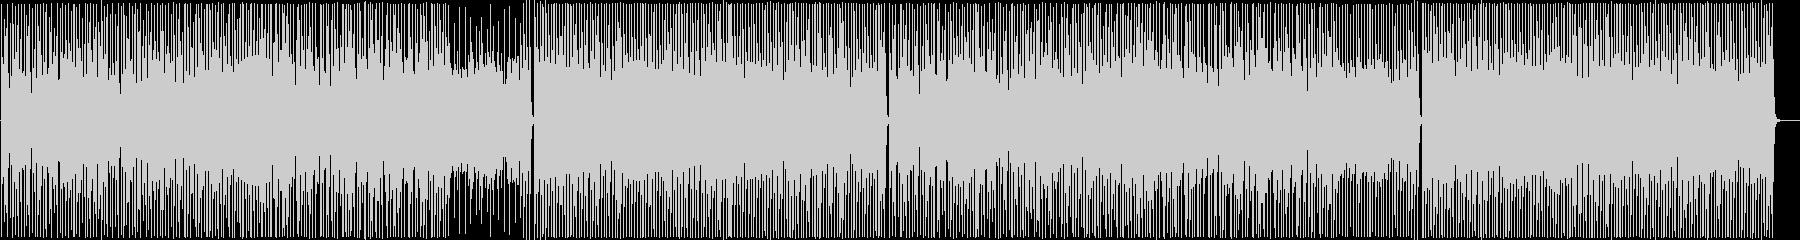 クラップとアコギが可愛く楽しいポップスの未再生の波形